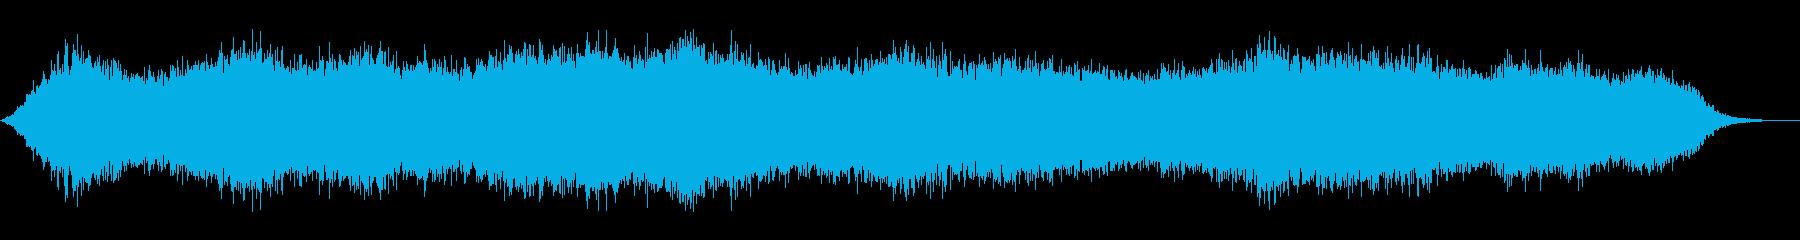 神秘的 壮大 アンビエント ドローンの再生済みの波形